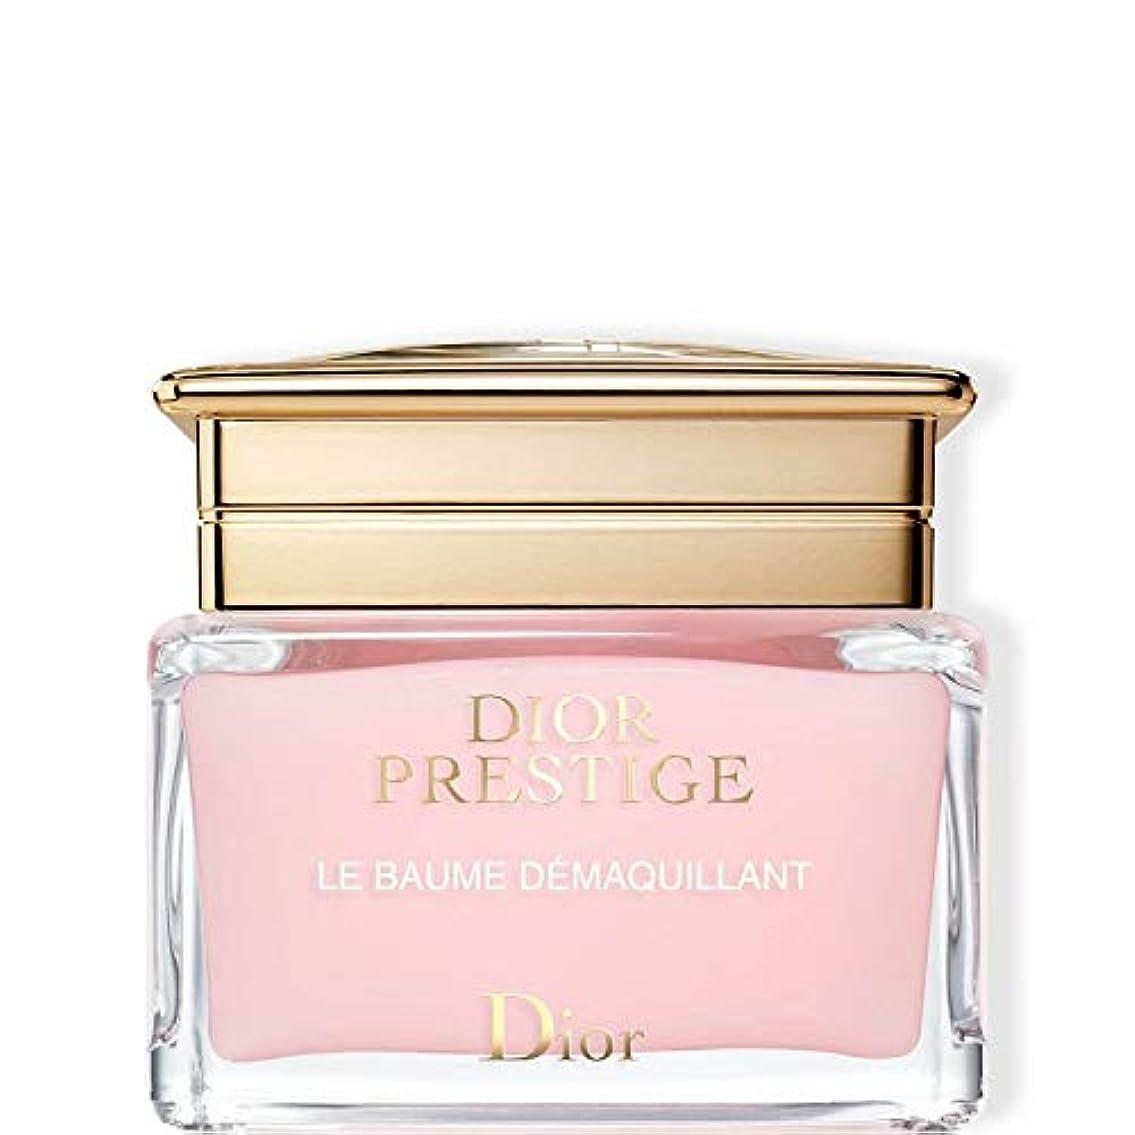 不完全なファン発動機Dior(ディオール) プレステージ ル バーム デマキャント 150mL